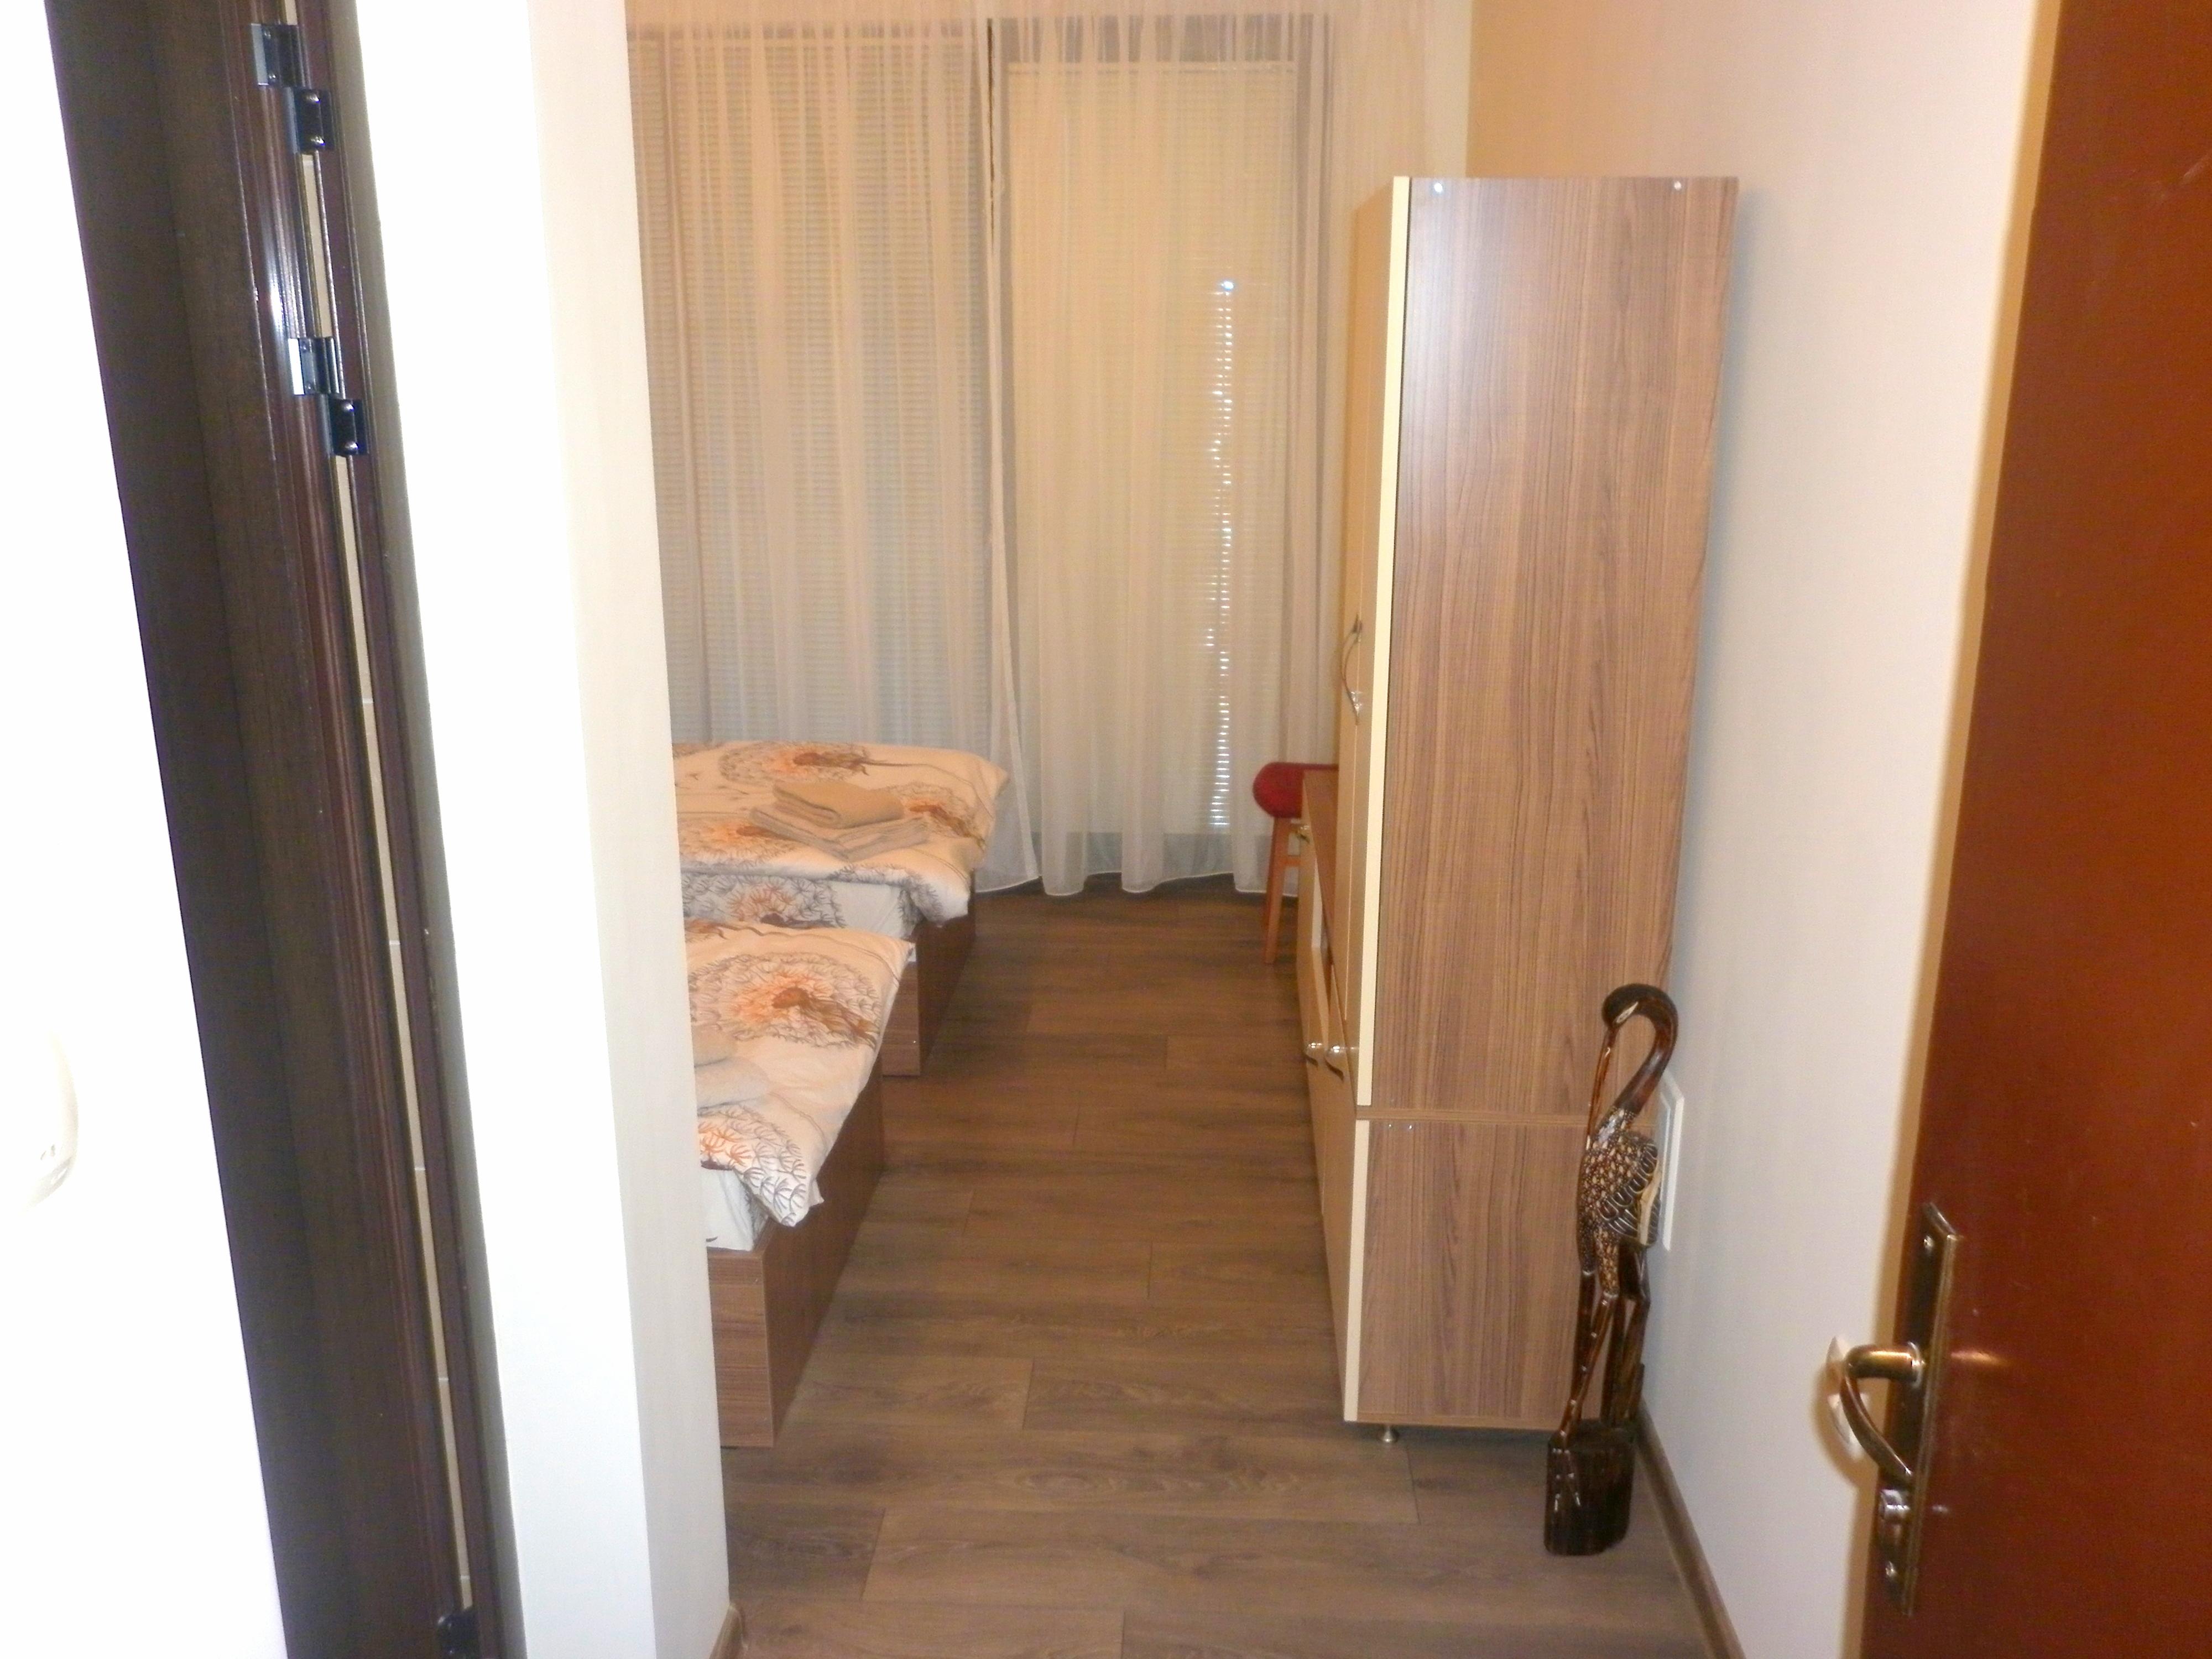 Къща за гости Златоград стая 1.2